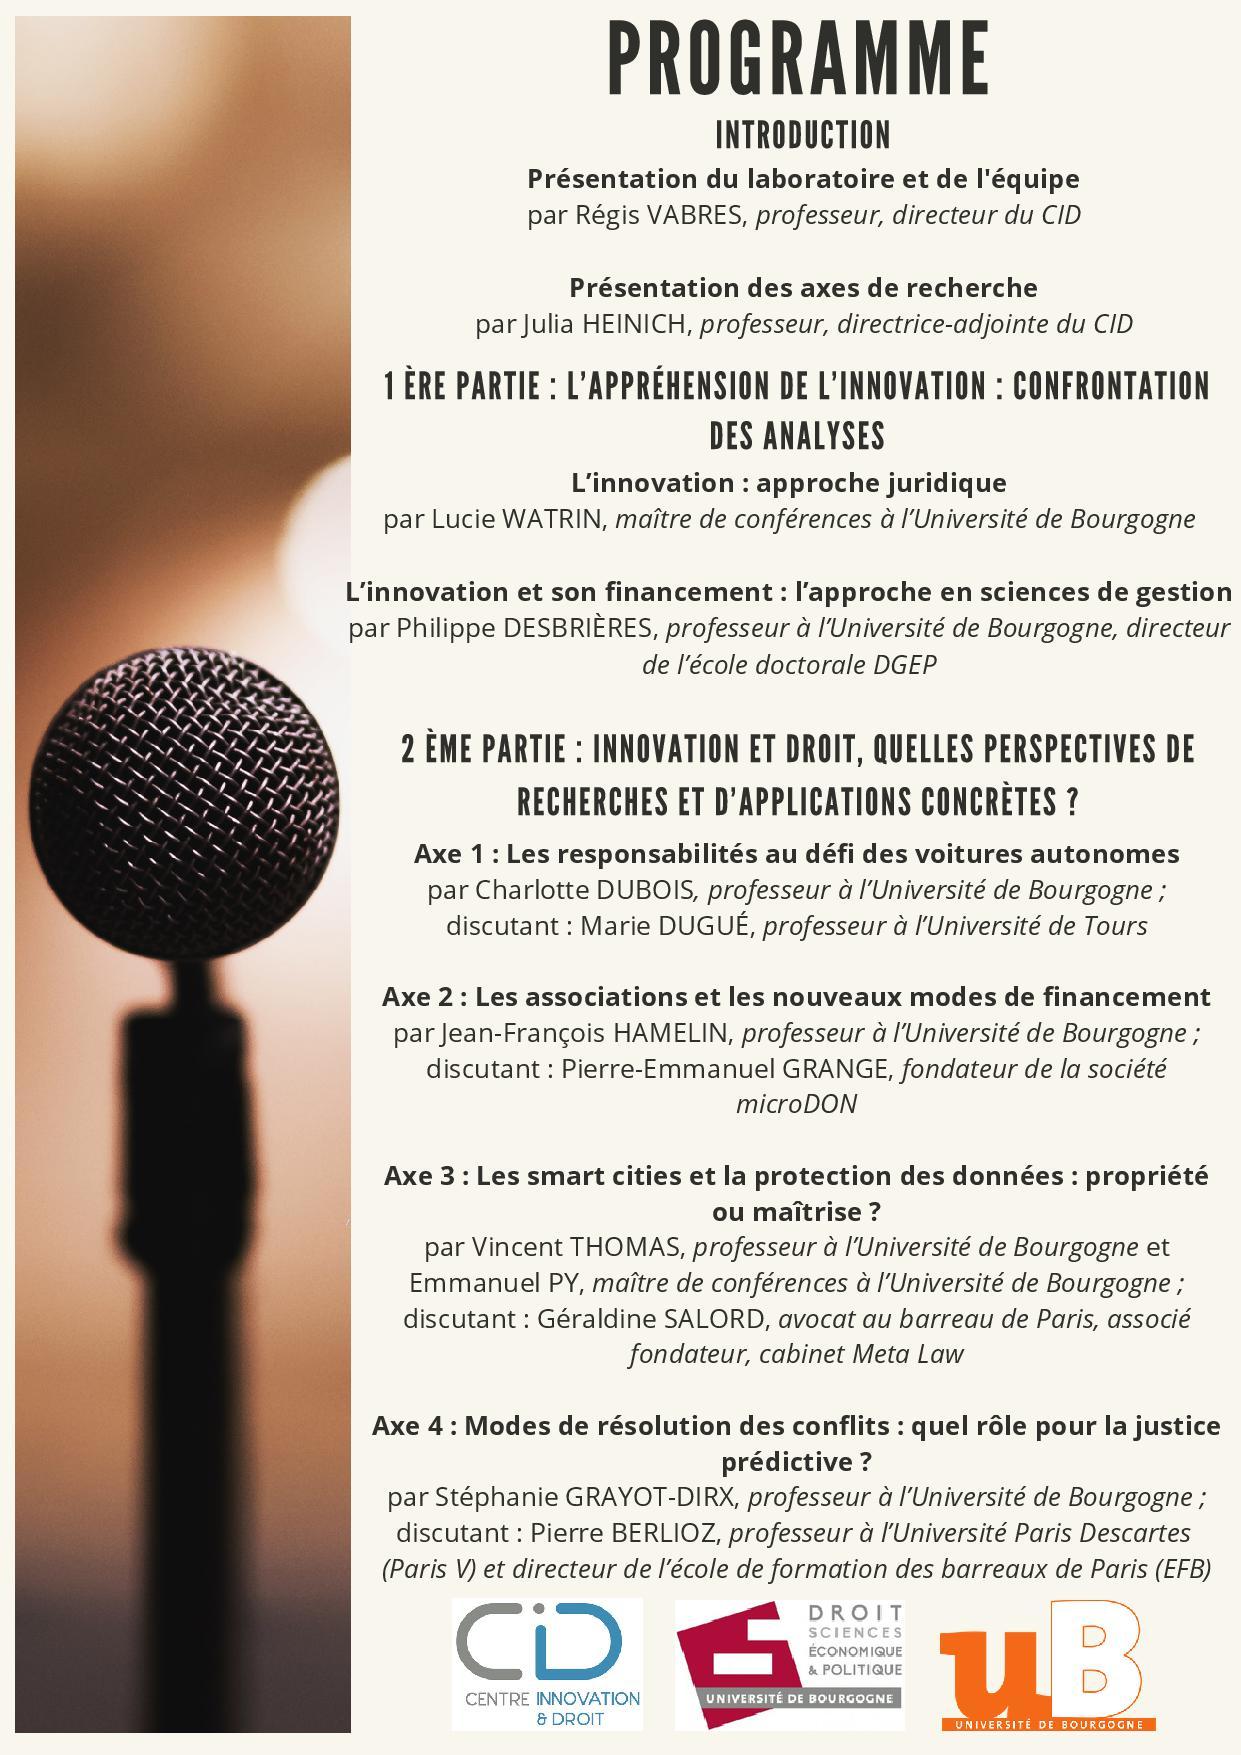 Conference inaugurale du centre innovation et droit2